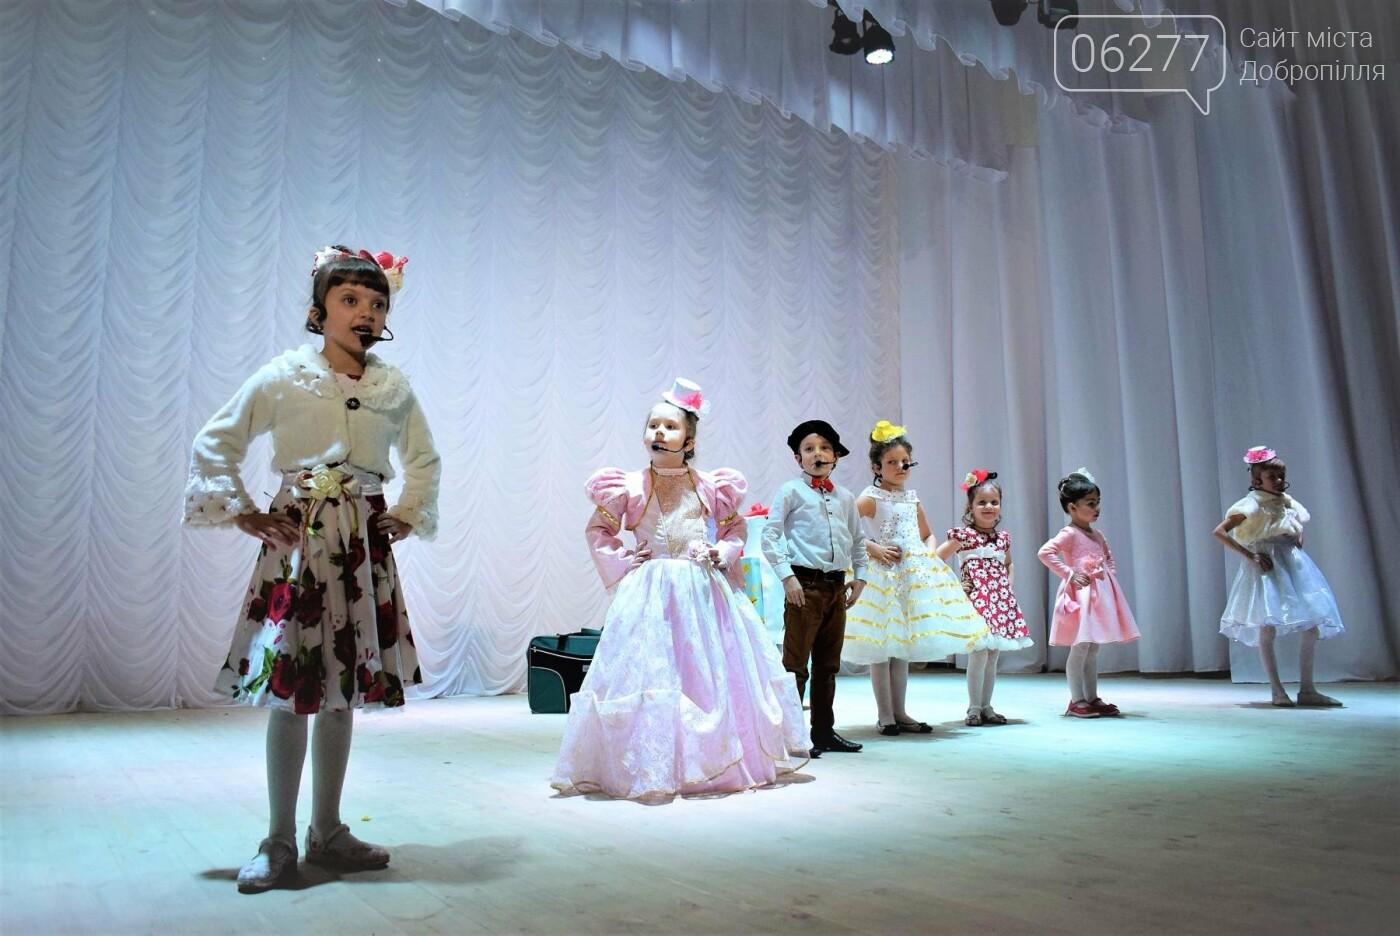 В Центре культуры и досуга Белозёрского прошла презентация зрительного зала, фото-5